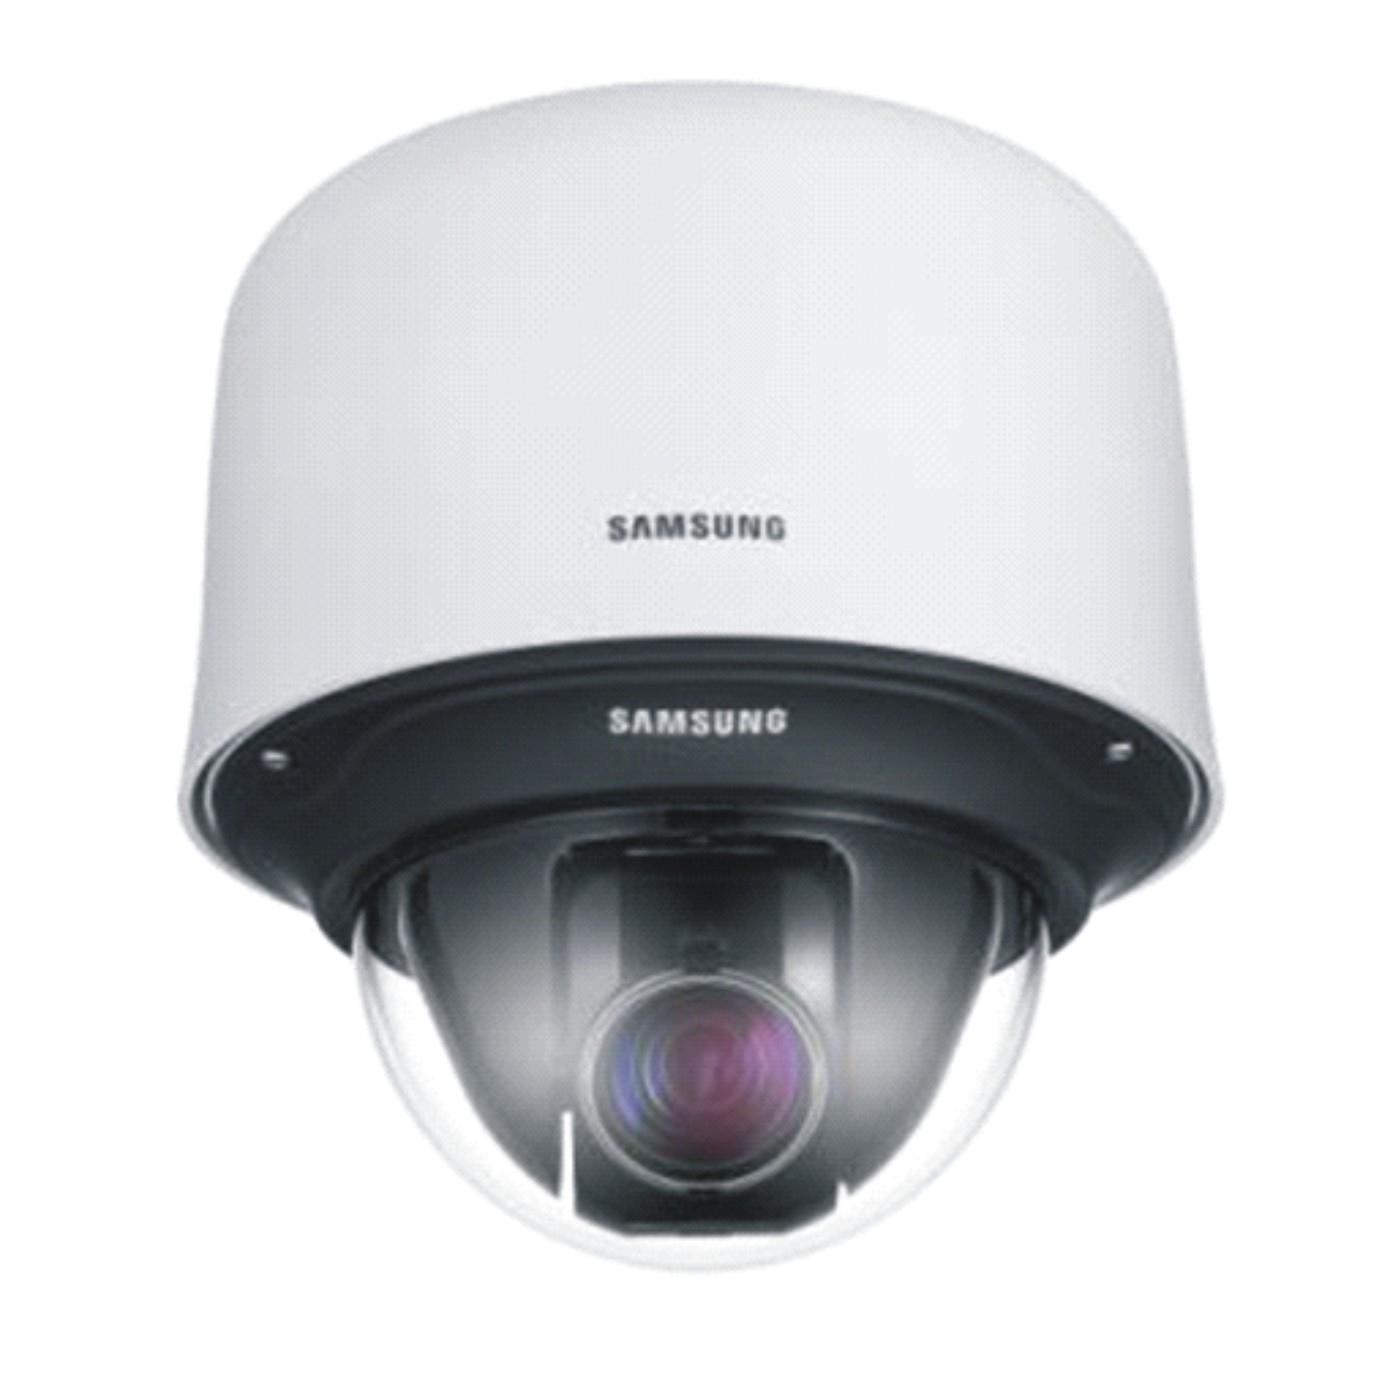 Jual Kamera CCTV Dome Samsung SCP-2250H Harga Murah Bekasi